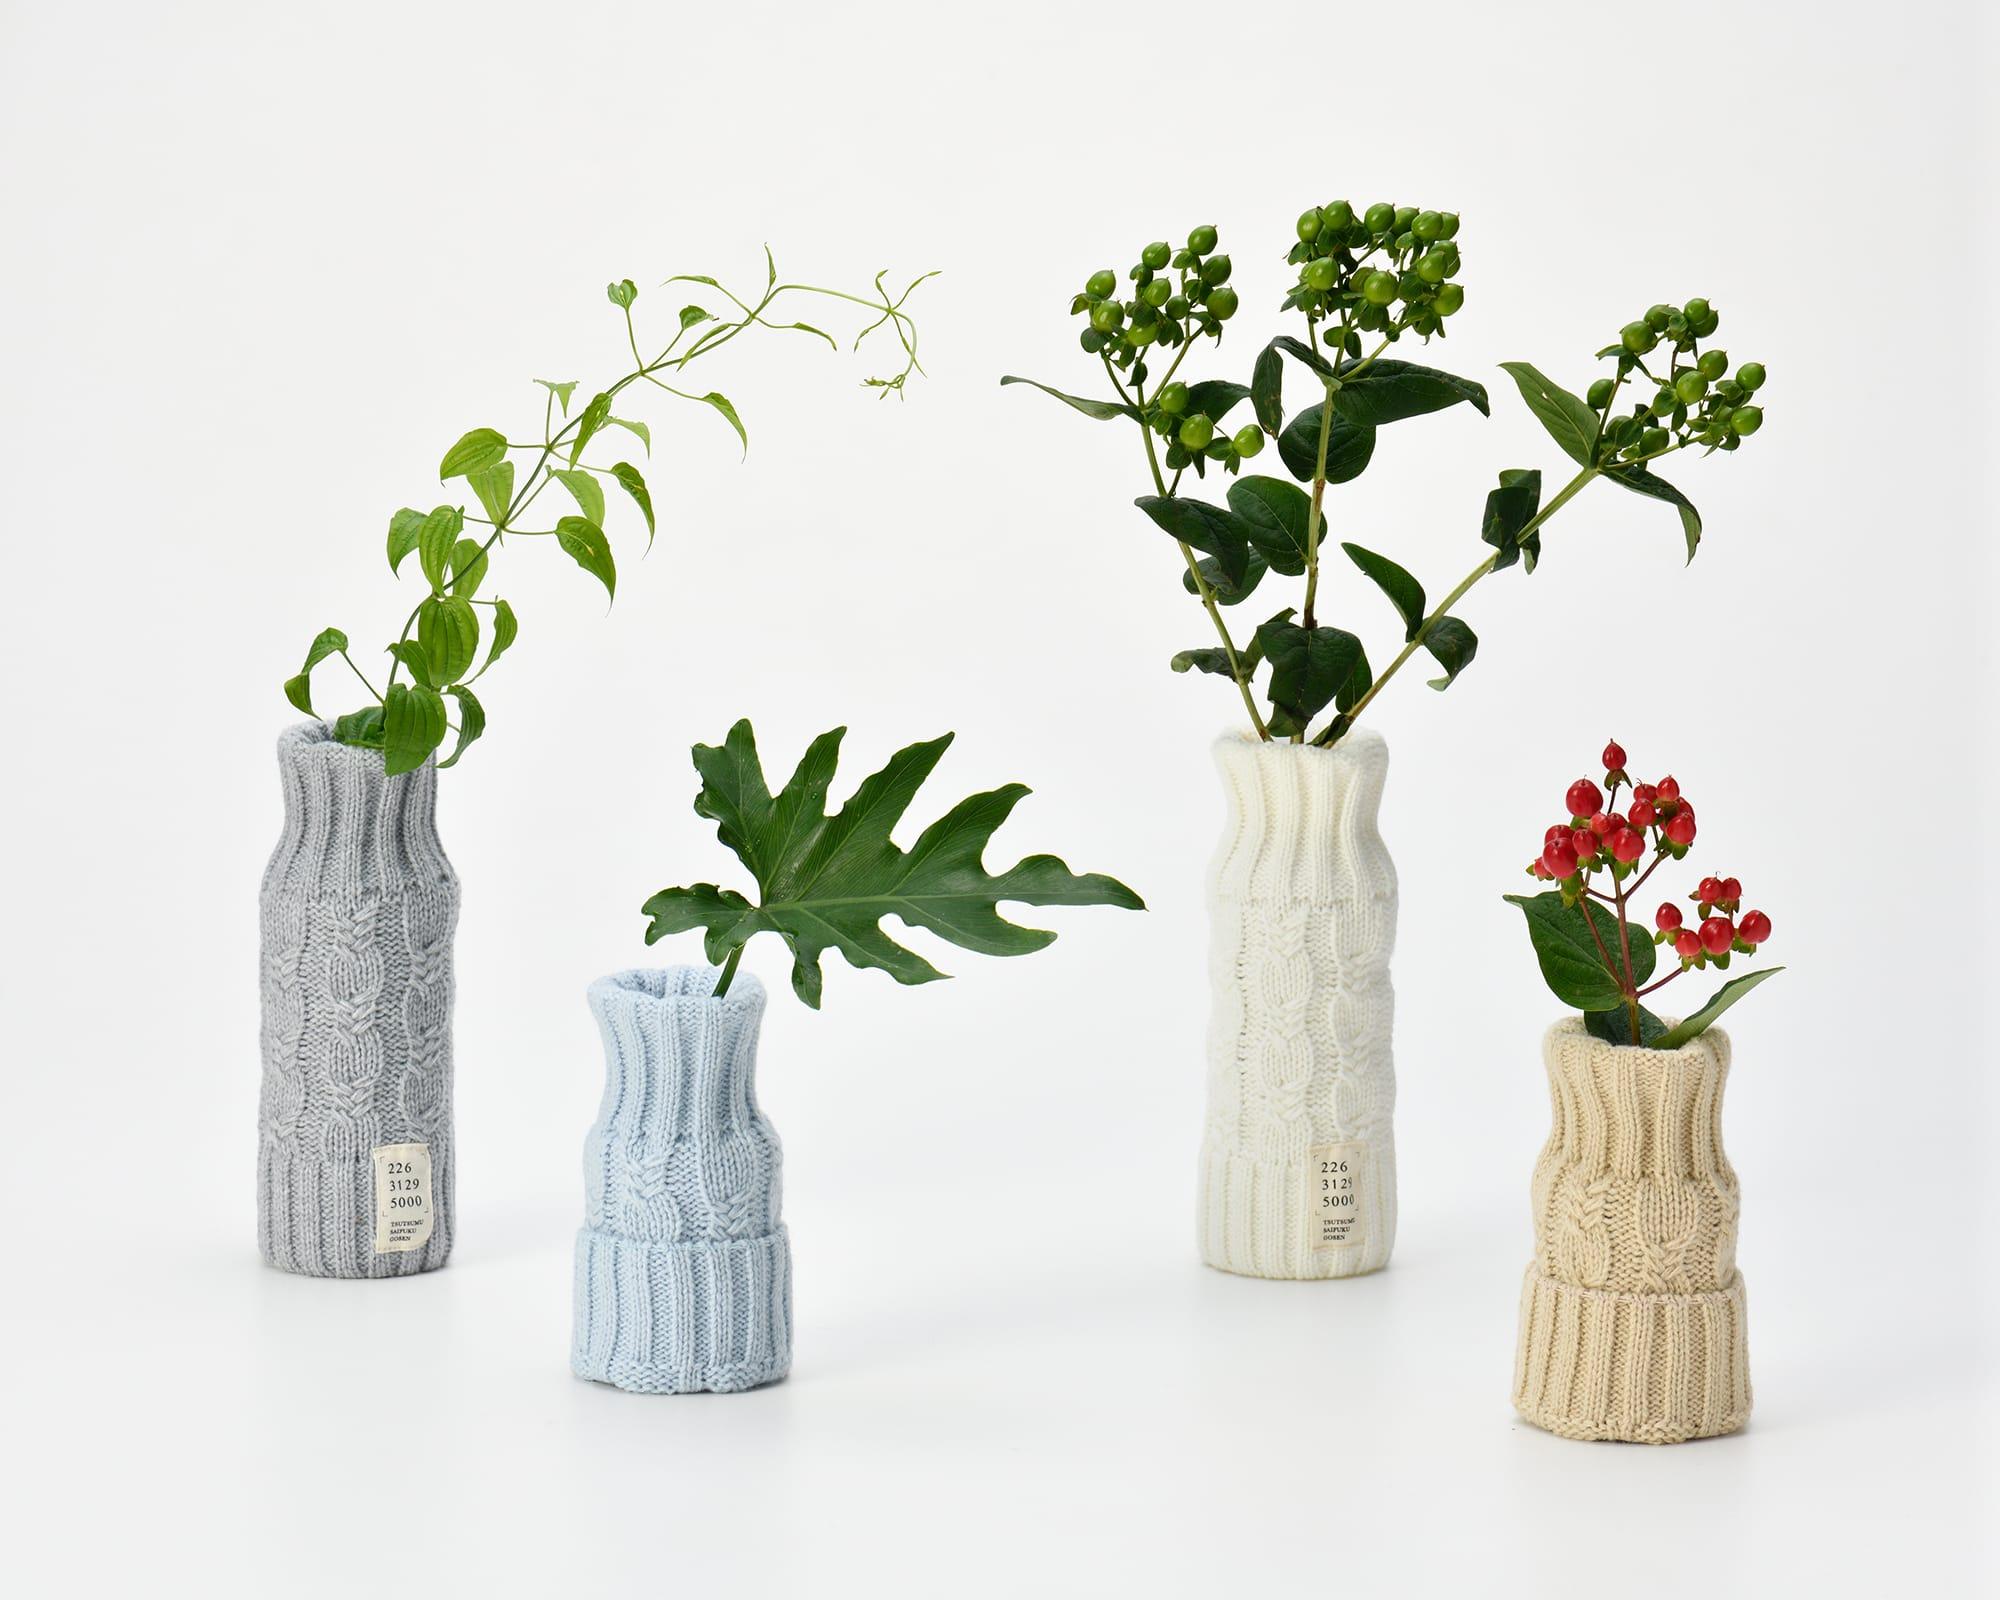 使用後のペットボトルをニットでつつんで花瓶にアップサイクルできる。くらしをつつむシリーズ1,650円(税込)